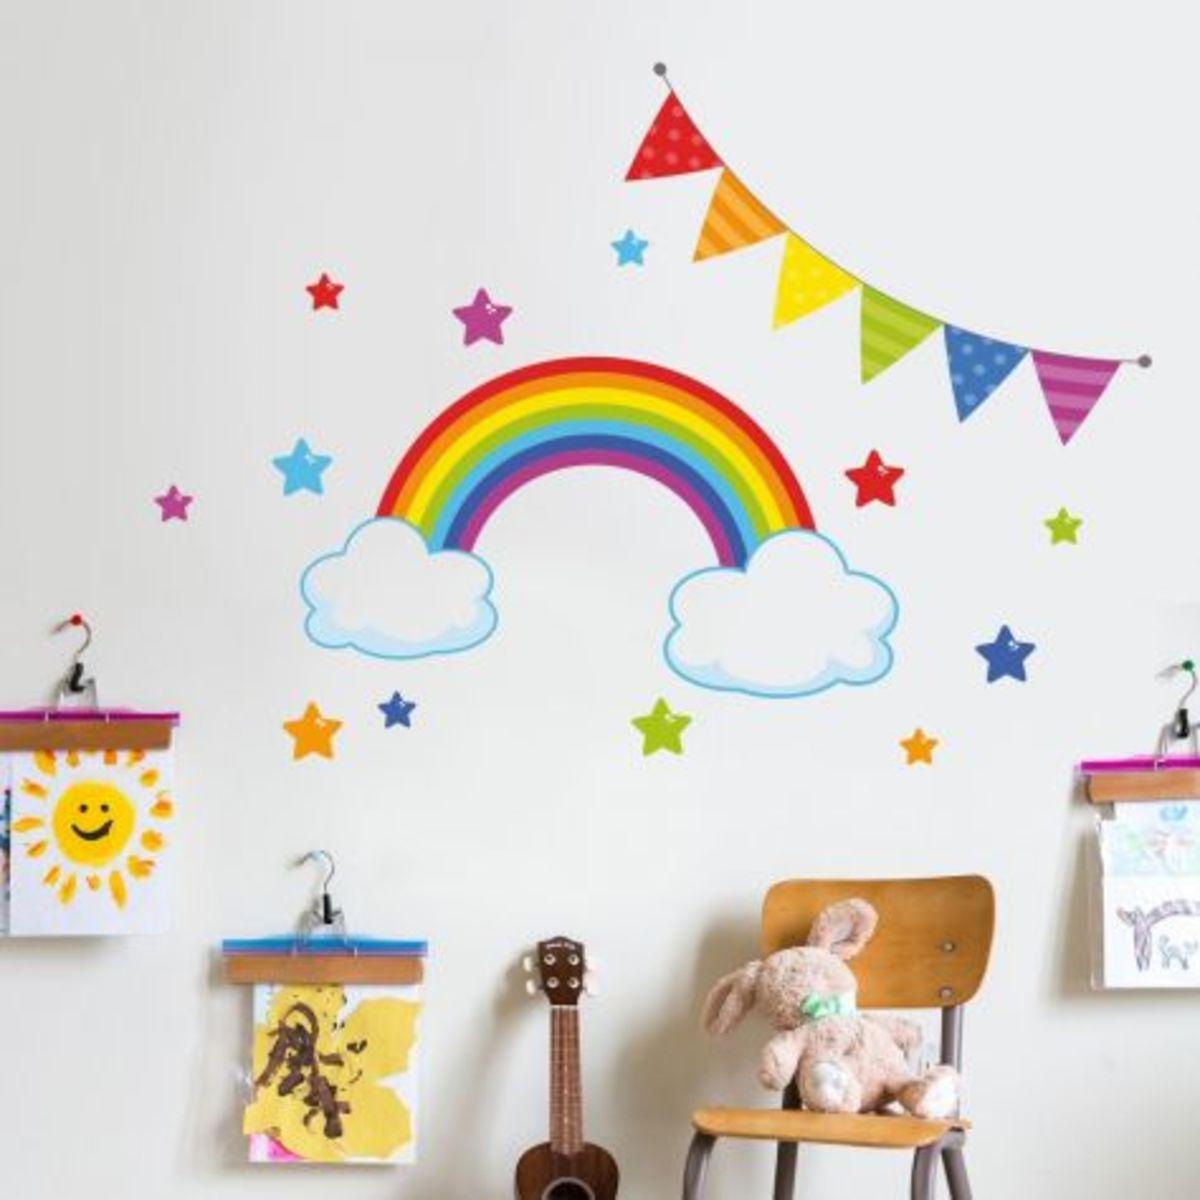 Housedecor Rainbow 30914-0, 88x63